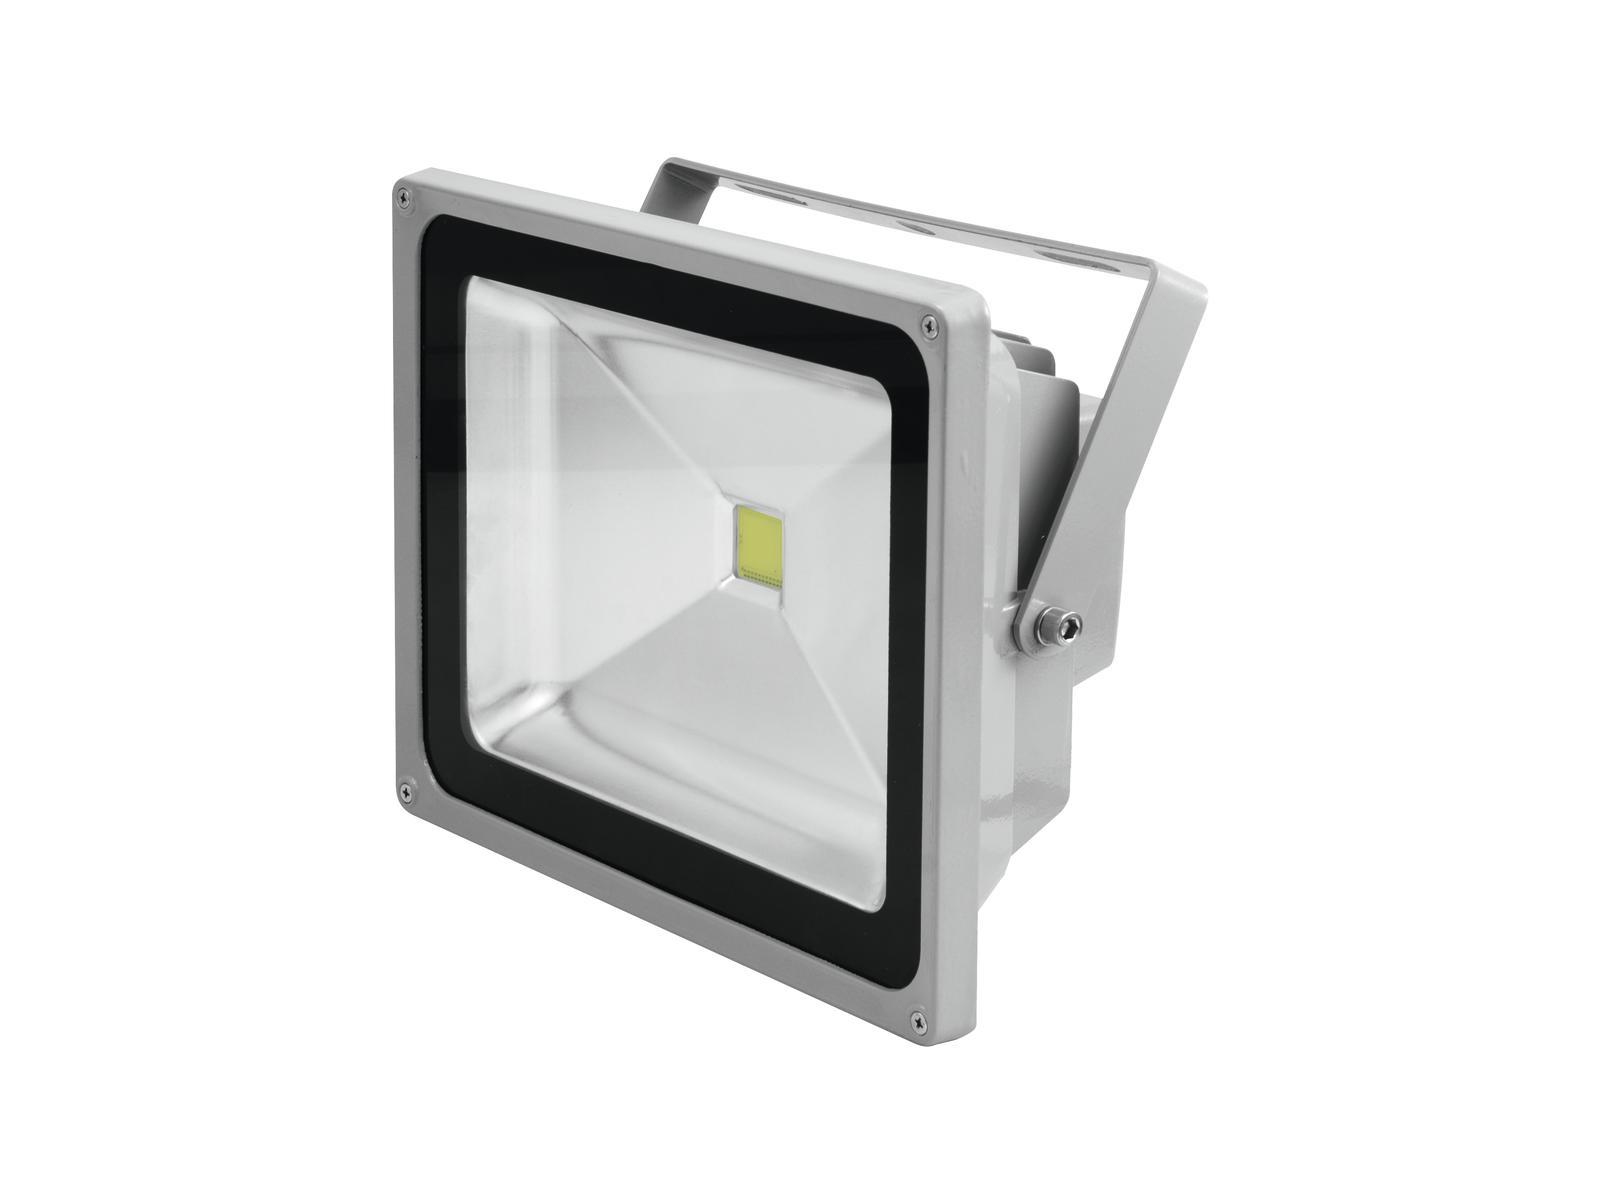 eurolite-led-ip-fl-50-cob-6400k-120a-classic